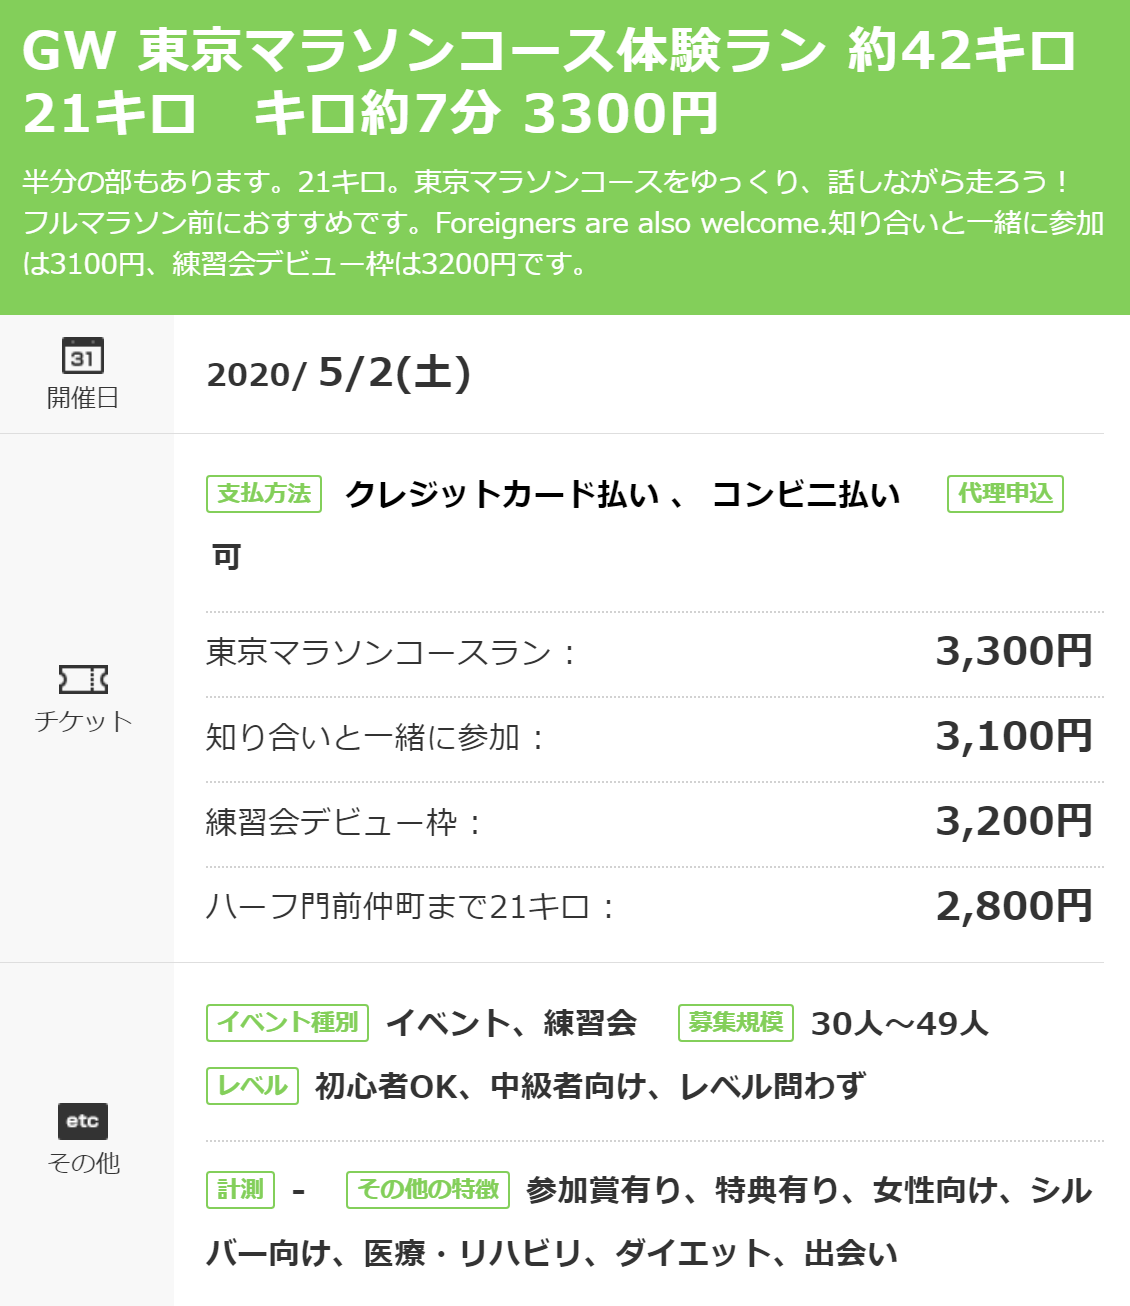 東京マラソン試走会の一例。42km、21kmの部などがある。42kmで3,000円~3,500円が中心。